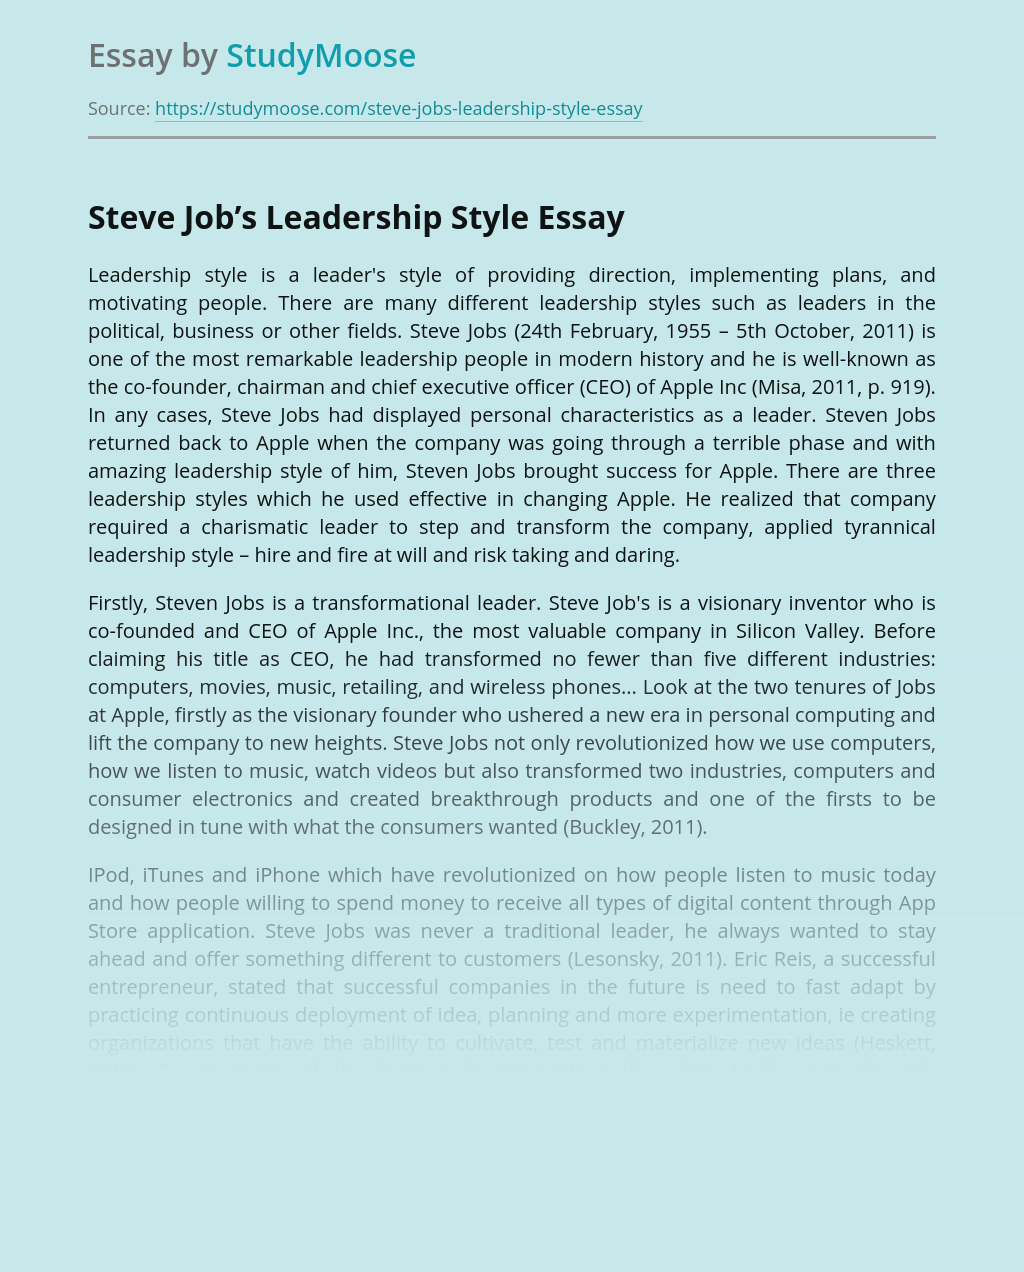 Steve Job's Leadership Style